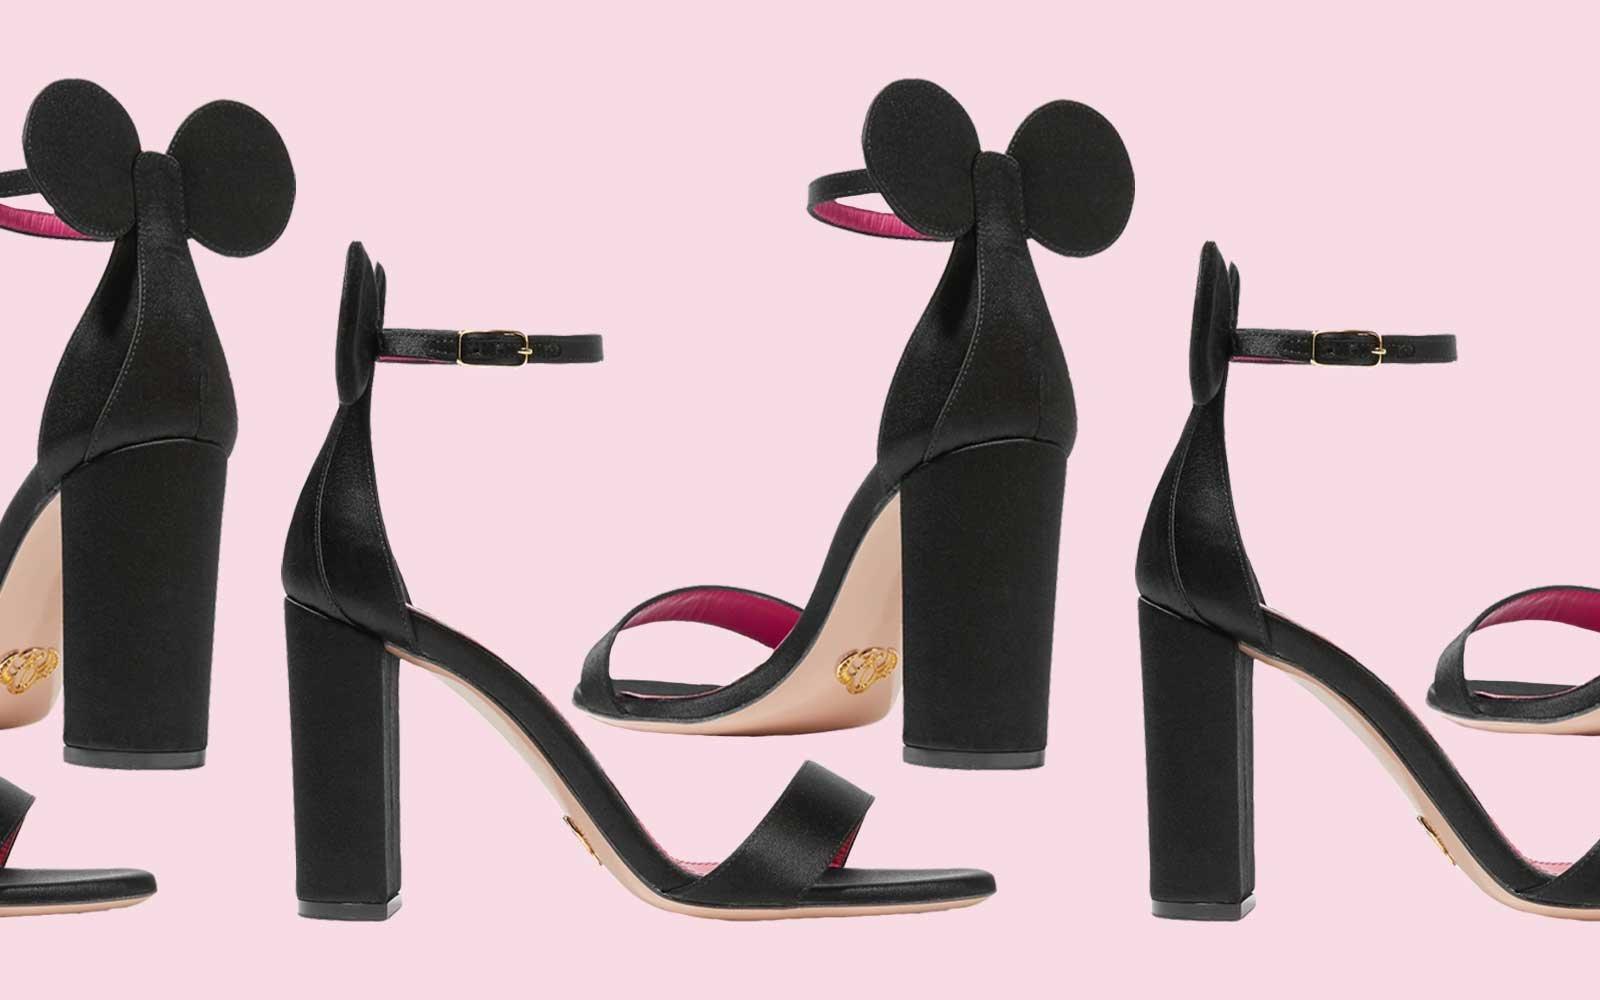 این کفش ها بین 450 تا 700 دلار - بسته به طرحشان - قیمت دارند. برخی از آن ها پاشنه های پارچه ای دارند و برخی دیگر از ساتن و سنگ های براق درست شده اند. اما طراحی کلی کفش در تمام مدل ها ثابت باقی می ماند.